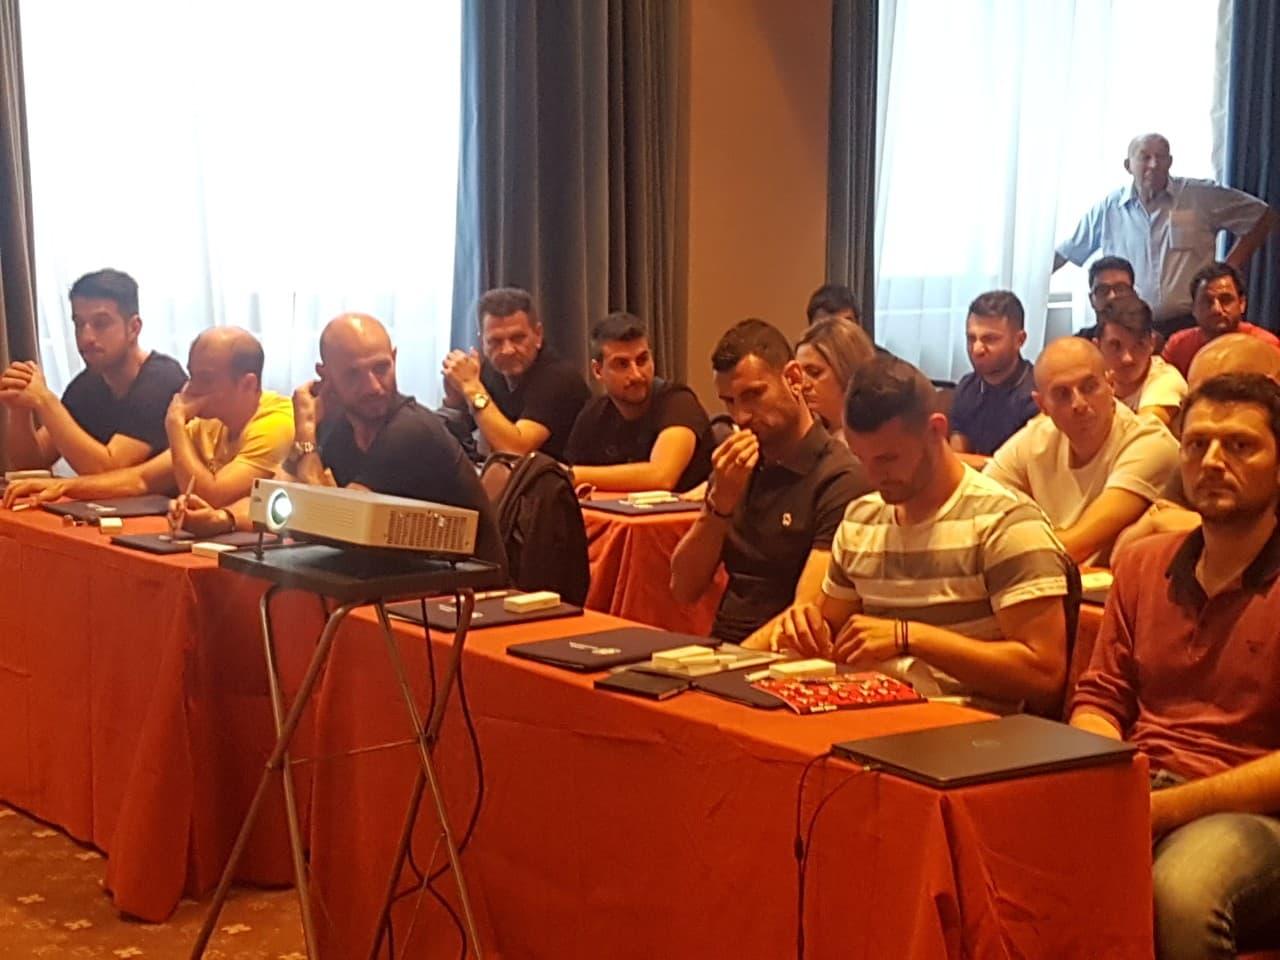 """Ξεκίνησε η σχολή προπονητών """"UEFA C"""" από την ΕΠΟ και την ΕΠΣ Έβρου."""